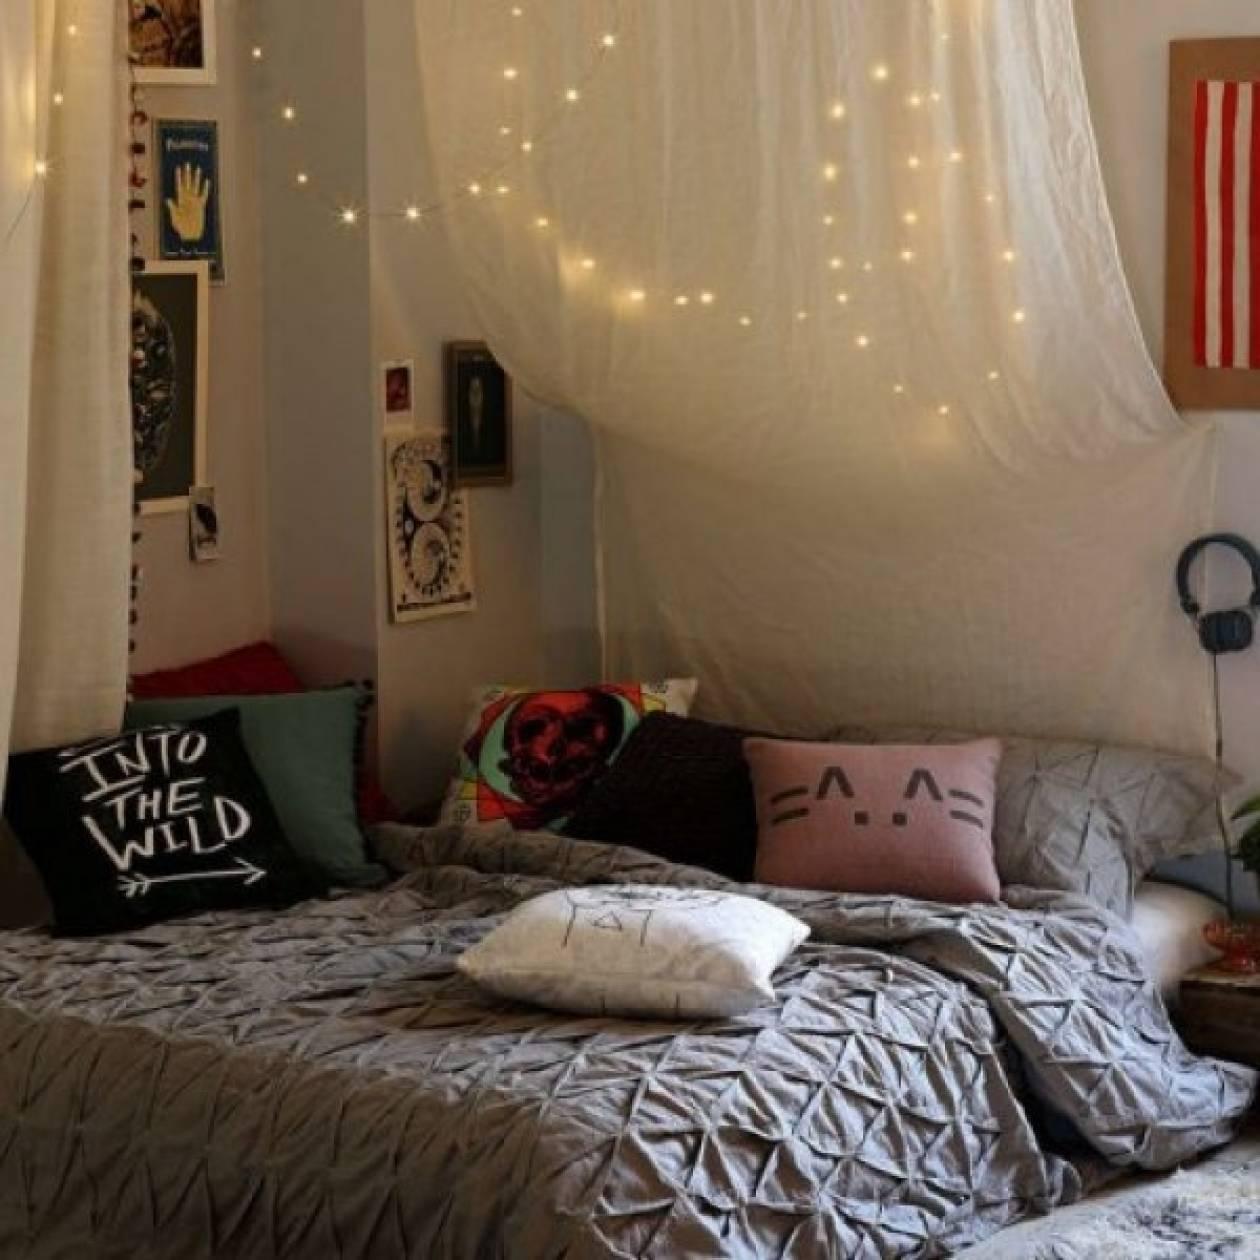 Κάνε το κρεβάτι σου το πιο cozy μέρος του πλανήτη με 6 απλά βήματα